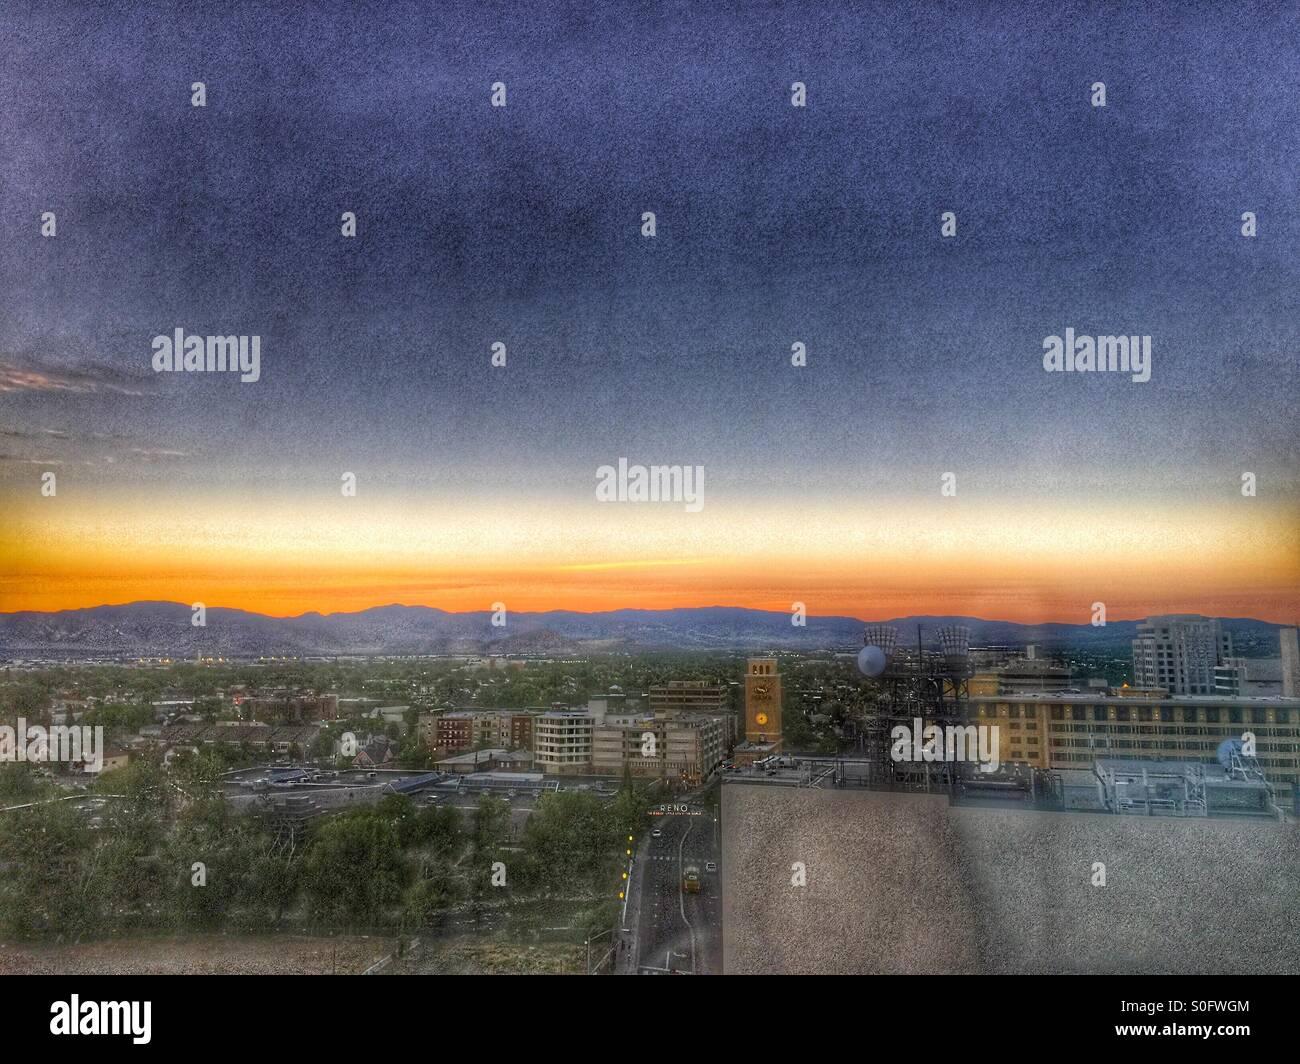 Reno Sunrise - Stock Image